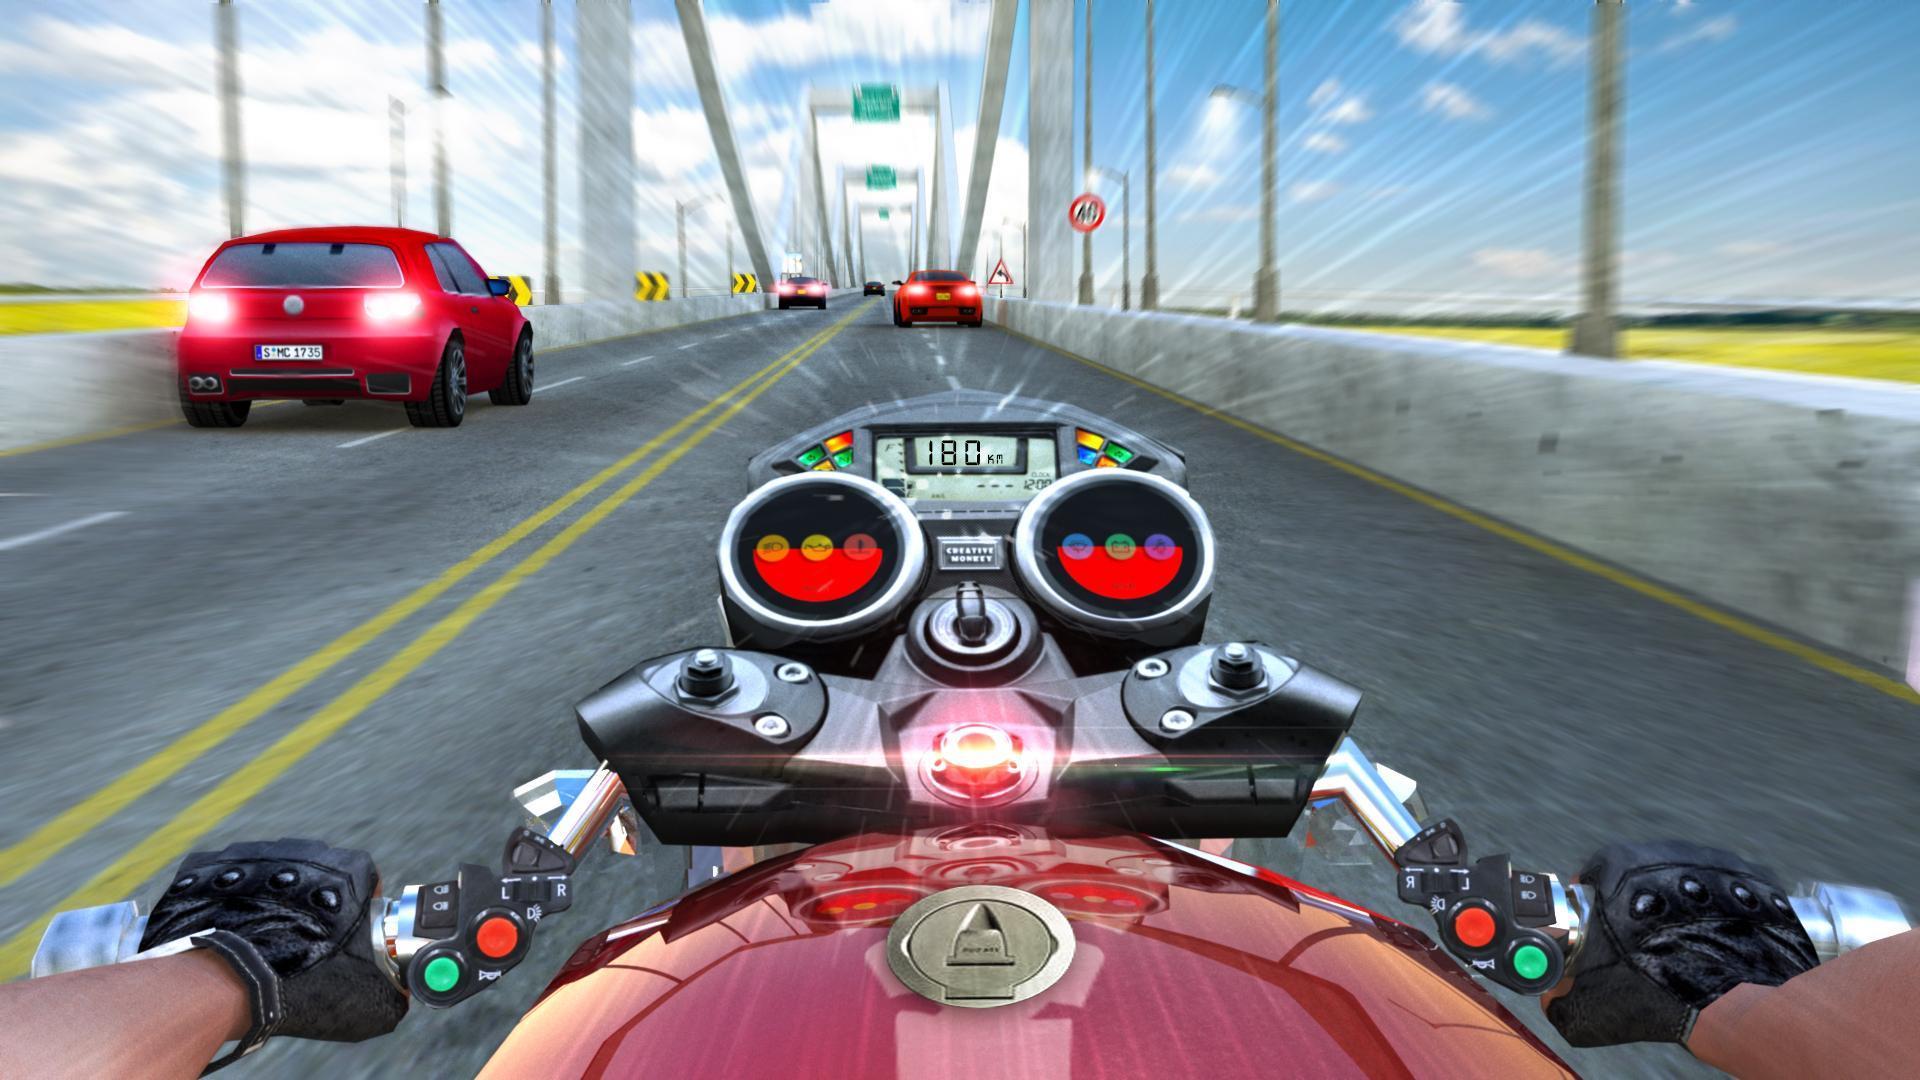 игры гонки на мотоциклах картинки ответ чеченцы рассказывали